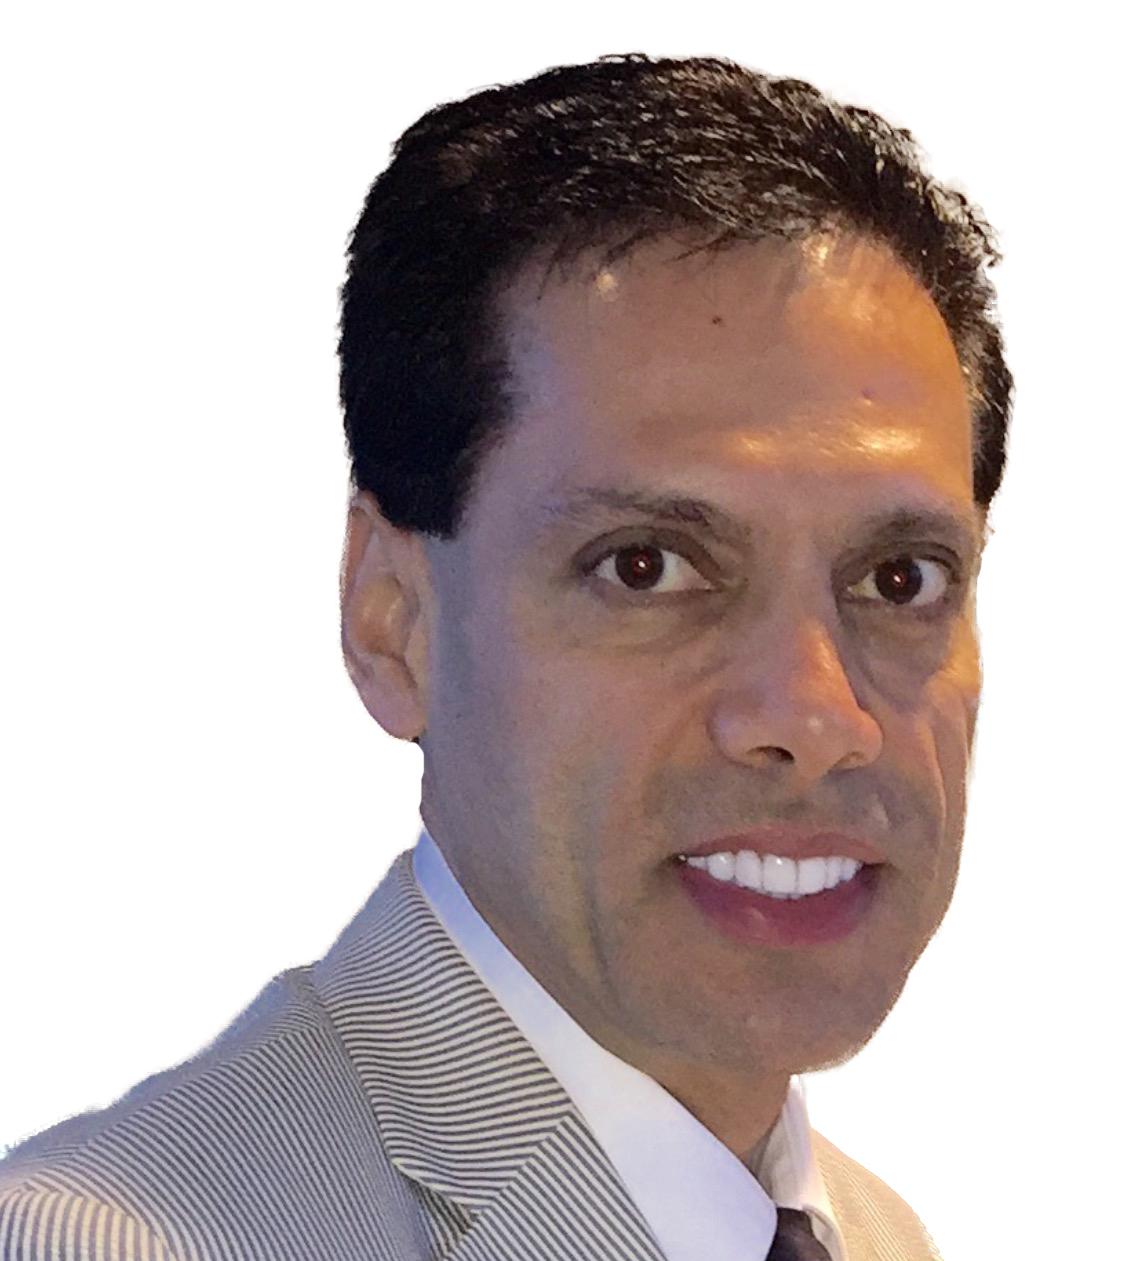 Luis Oseguera